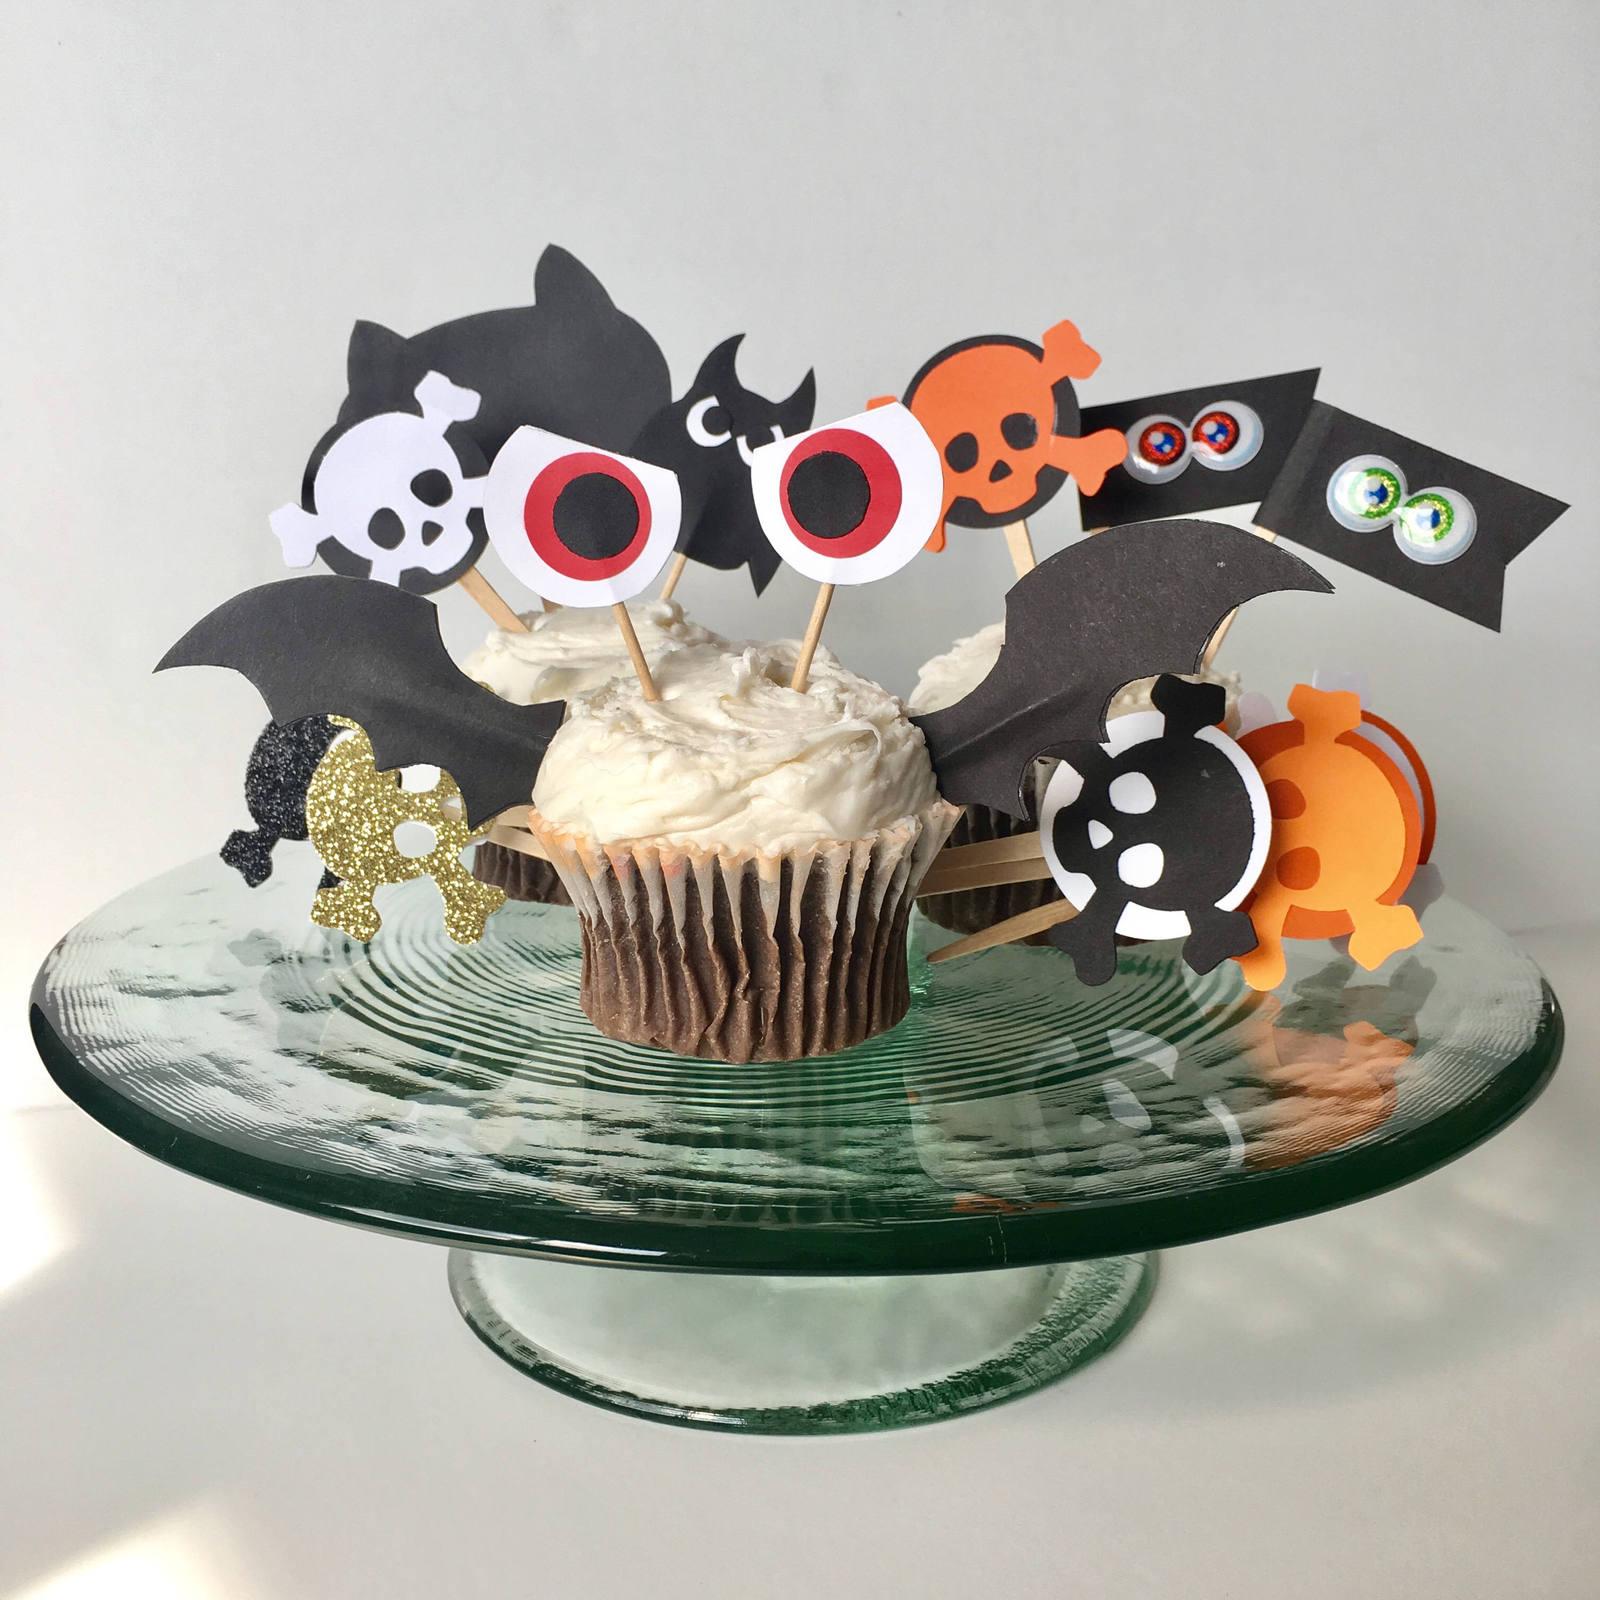 Bat Wing Cupcake Topper // Halloween Cake Picks // 24 Black Bat Wing Cupcake Top